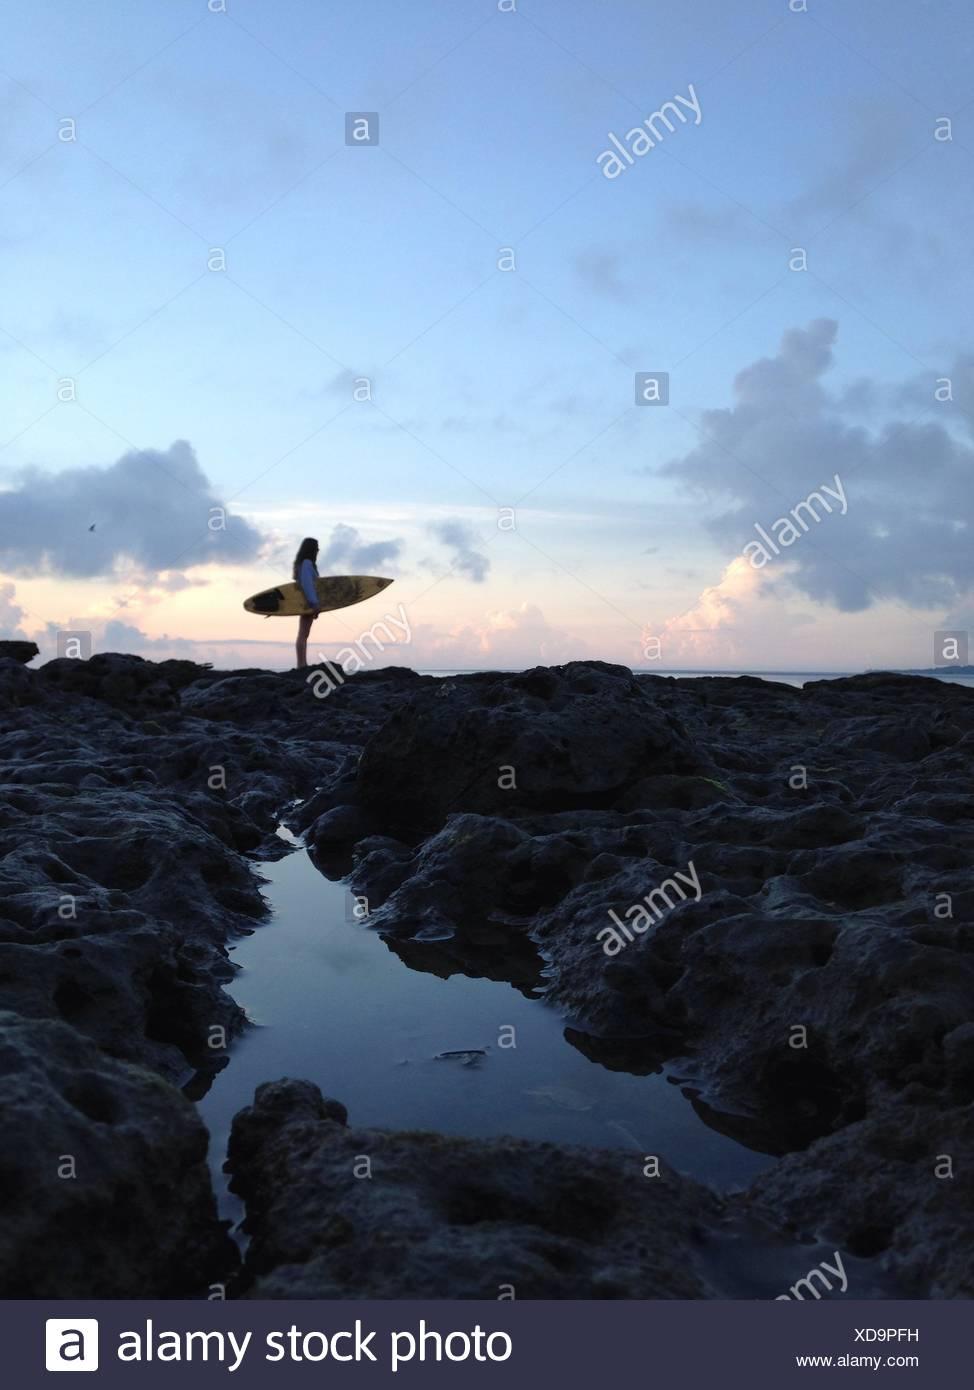 États-unis d'Amérique, Floride, Jacksonville Beach, comté de Duval, Side view of woman holding surfboard on beach Photo Stock